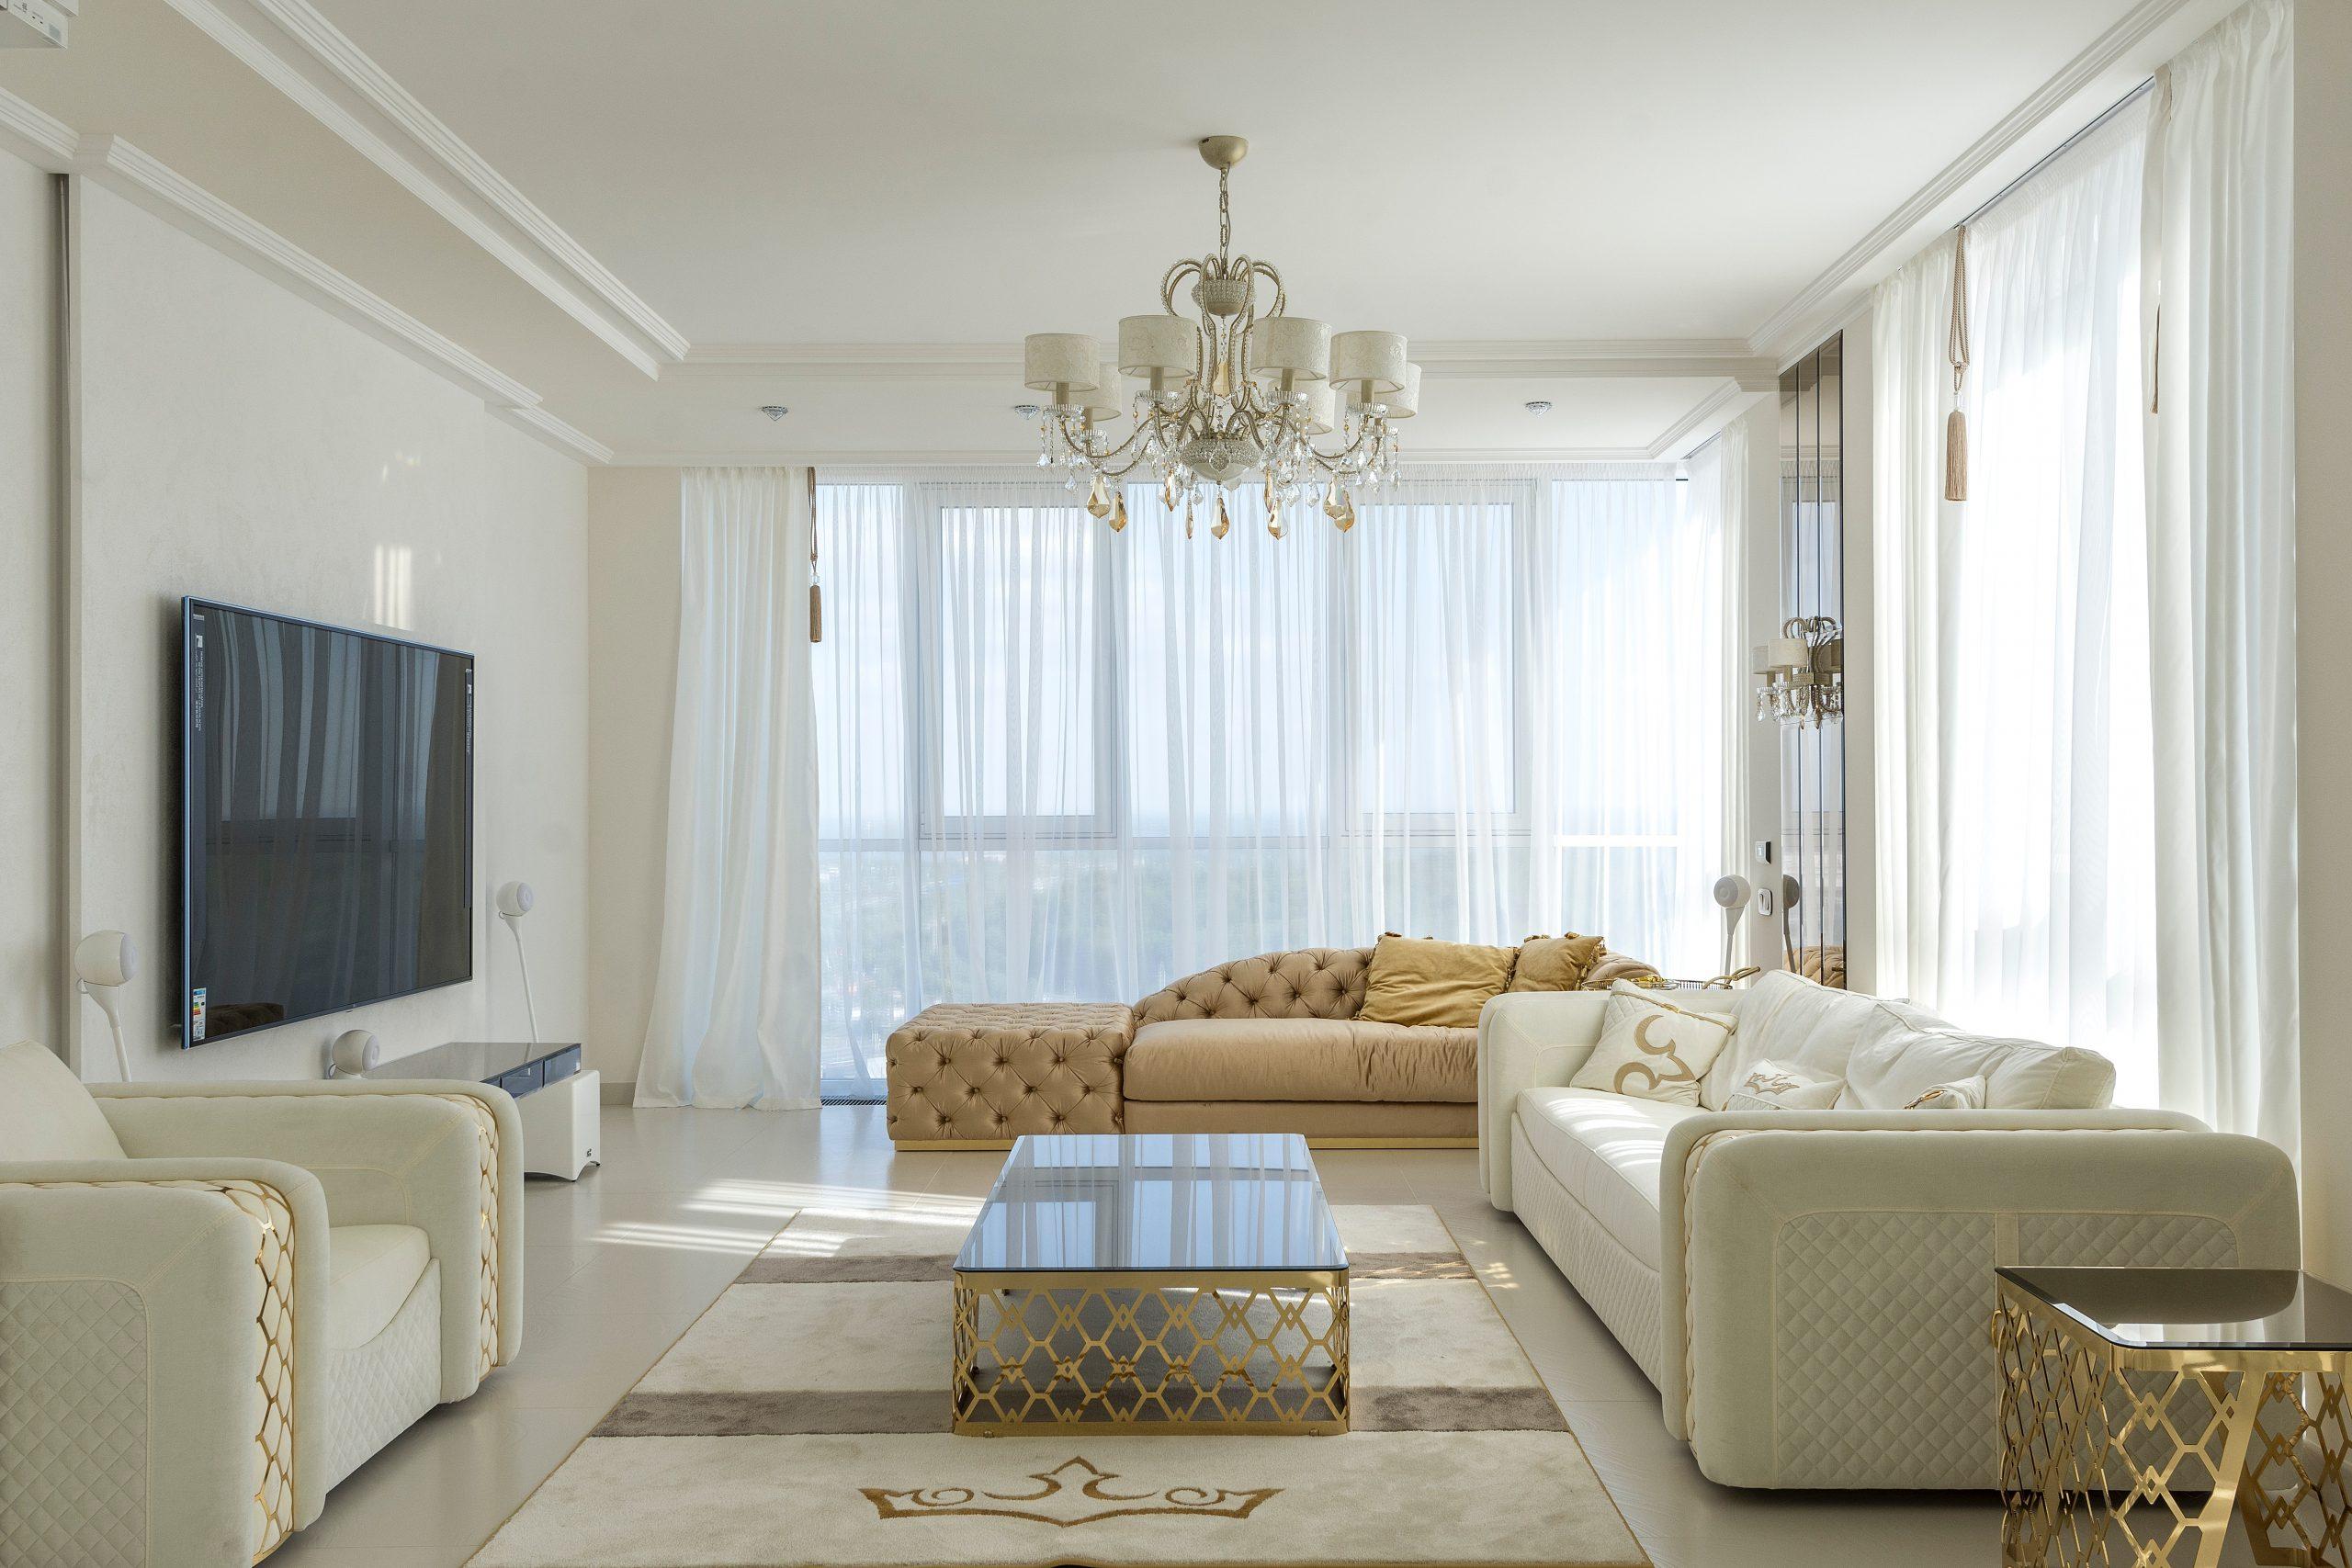 Na foto uma sala de estar com móveis beges e brancos e uma TV na parede.